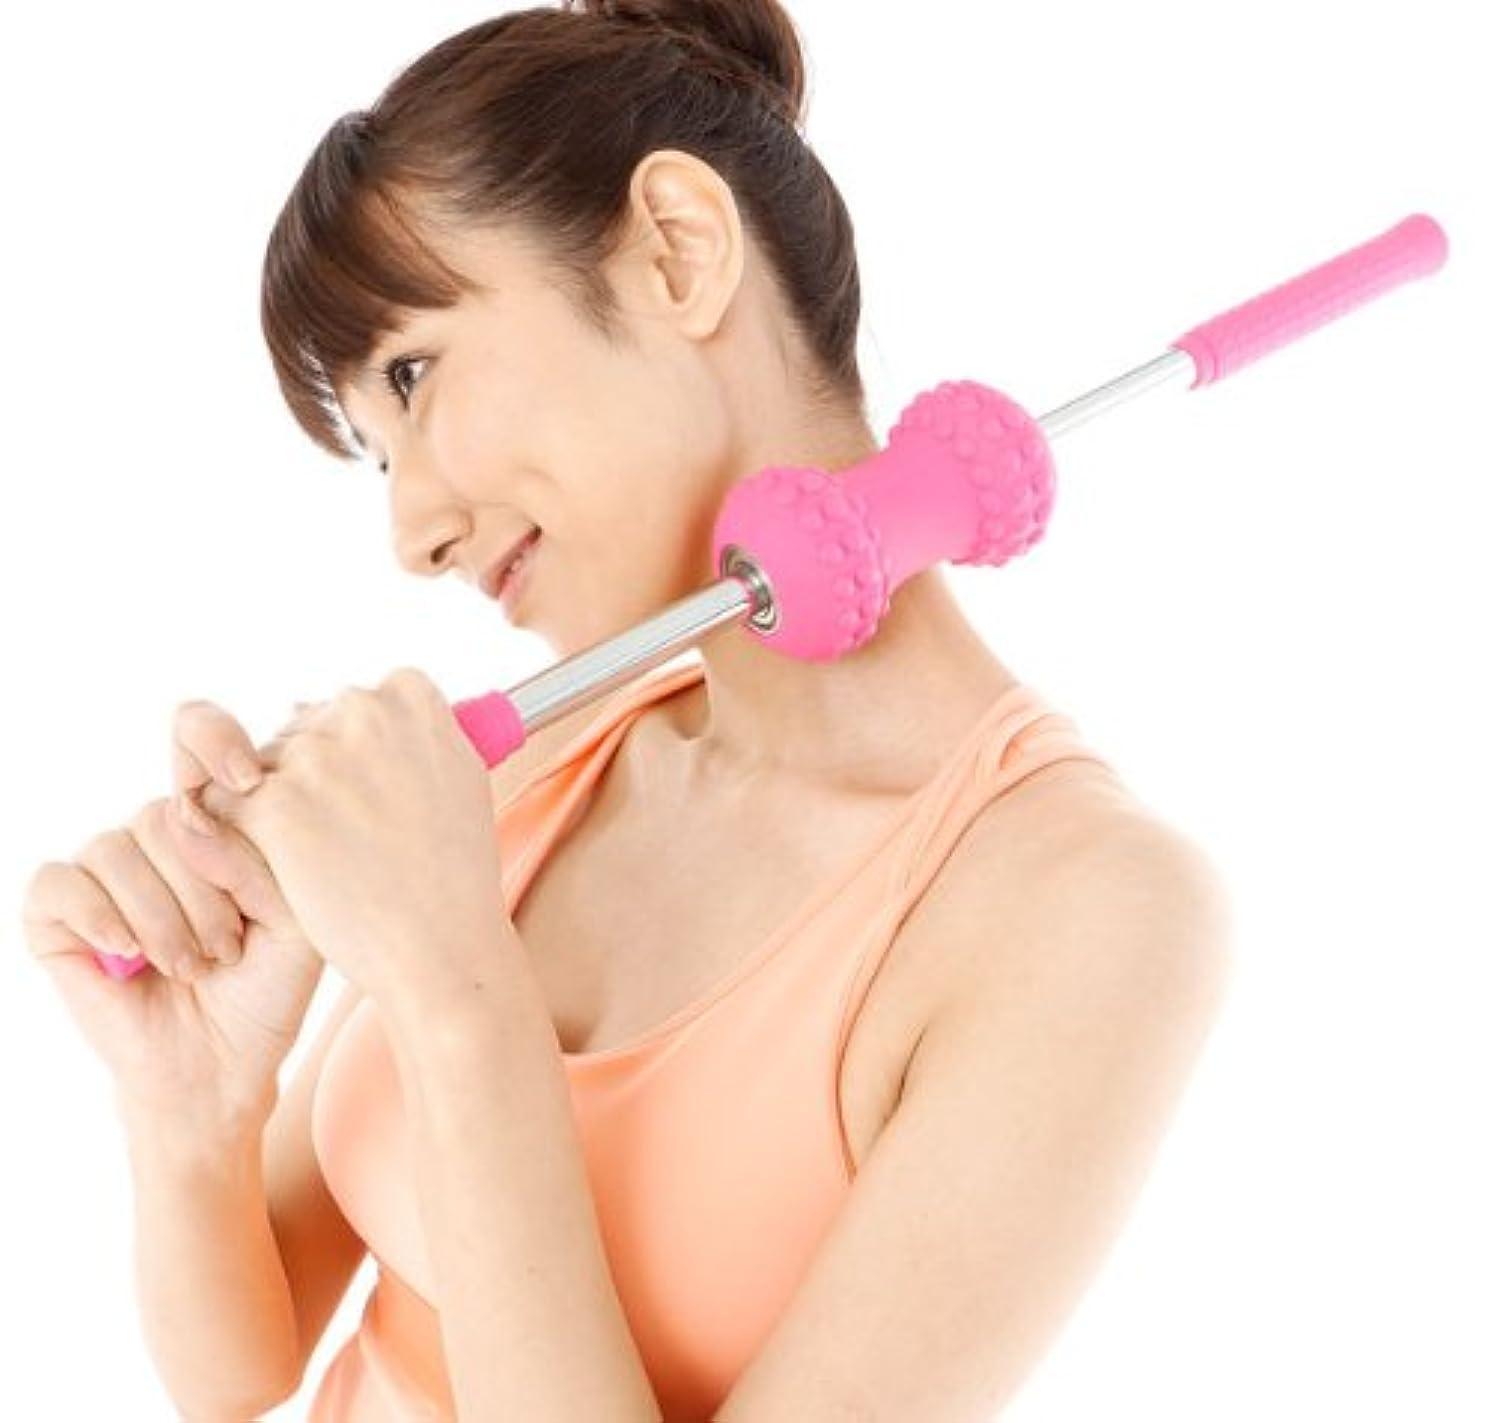 【コロコロストレッチ(ピンク)】 収納バッグ付き! ころころストレッチ コロコロ ストレッチ ころころして柔軟な体作りを!